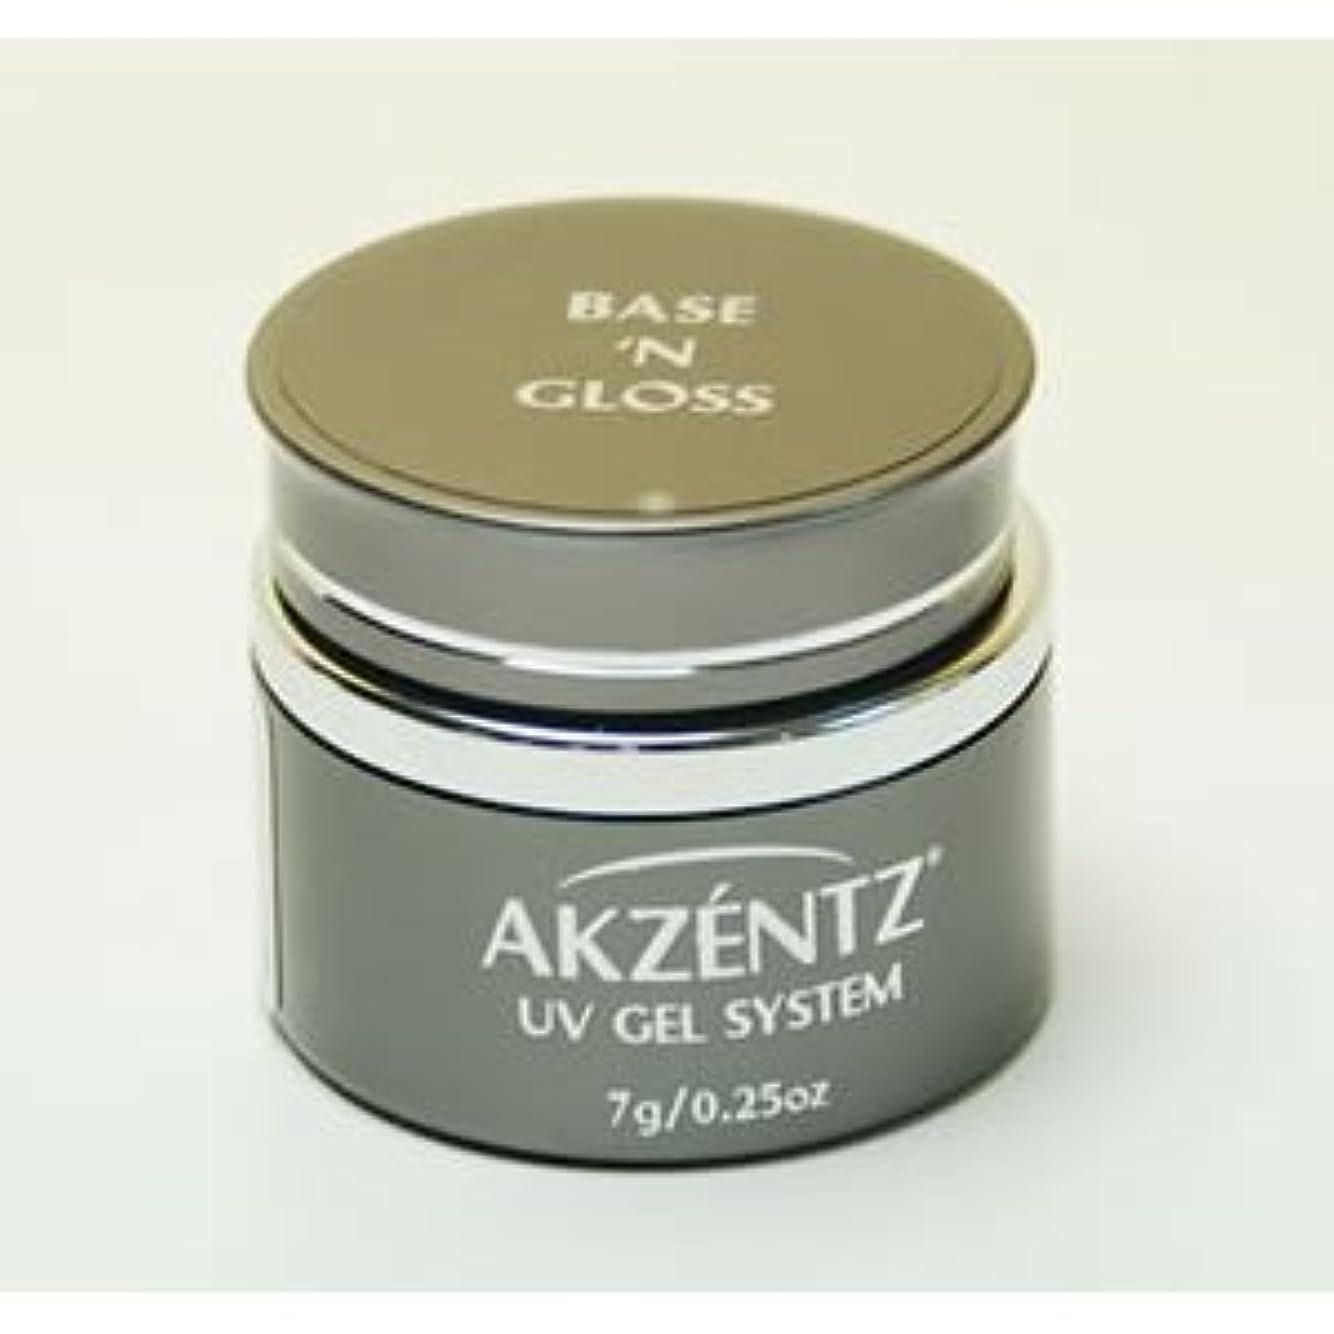 持続的おいしいラオス人アクセンツ(AKZENTZ) ベースングロス7g